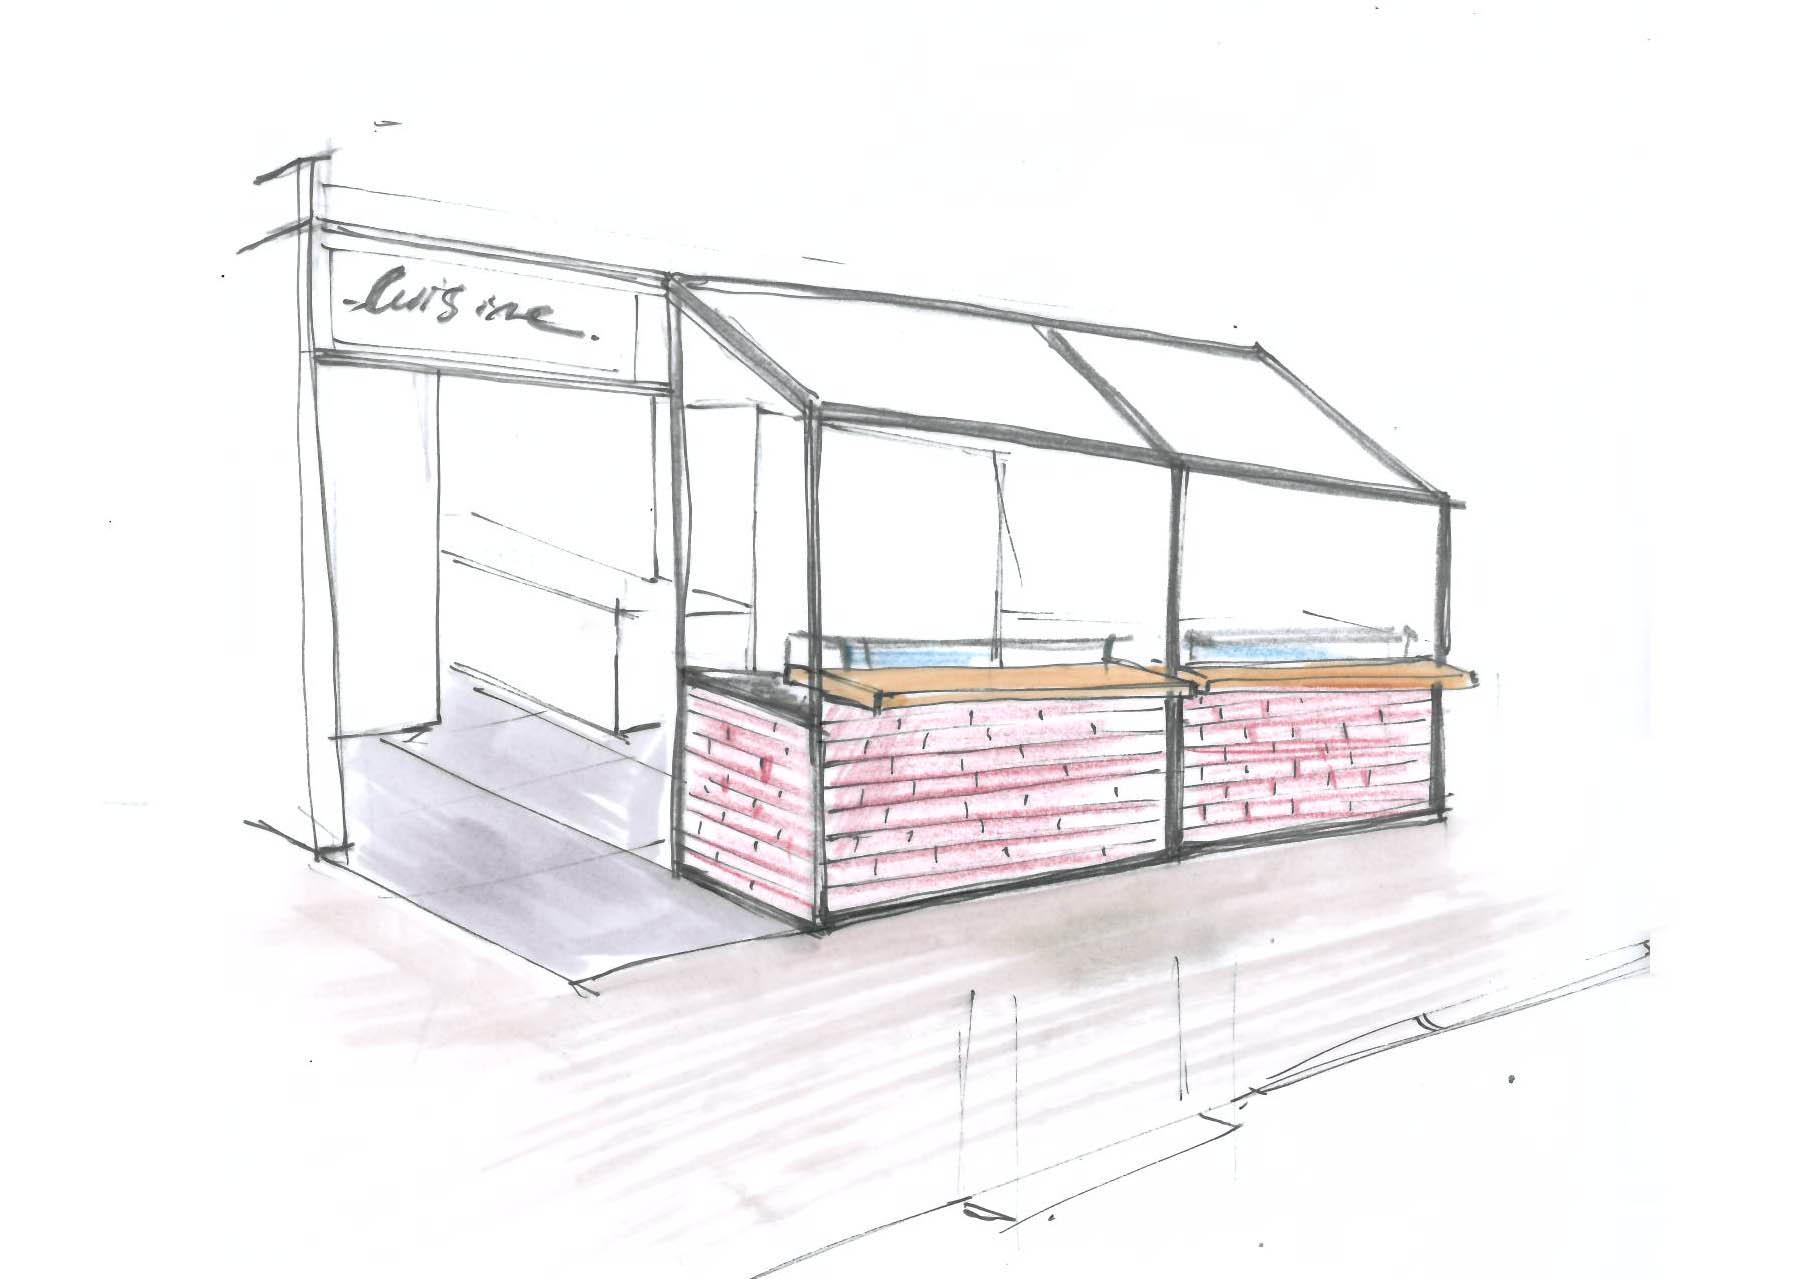 esquisse-agencement-pizza-etxeco-biarritz-sophie-david-architecte-interieur